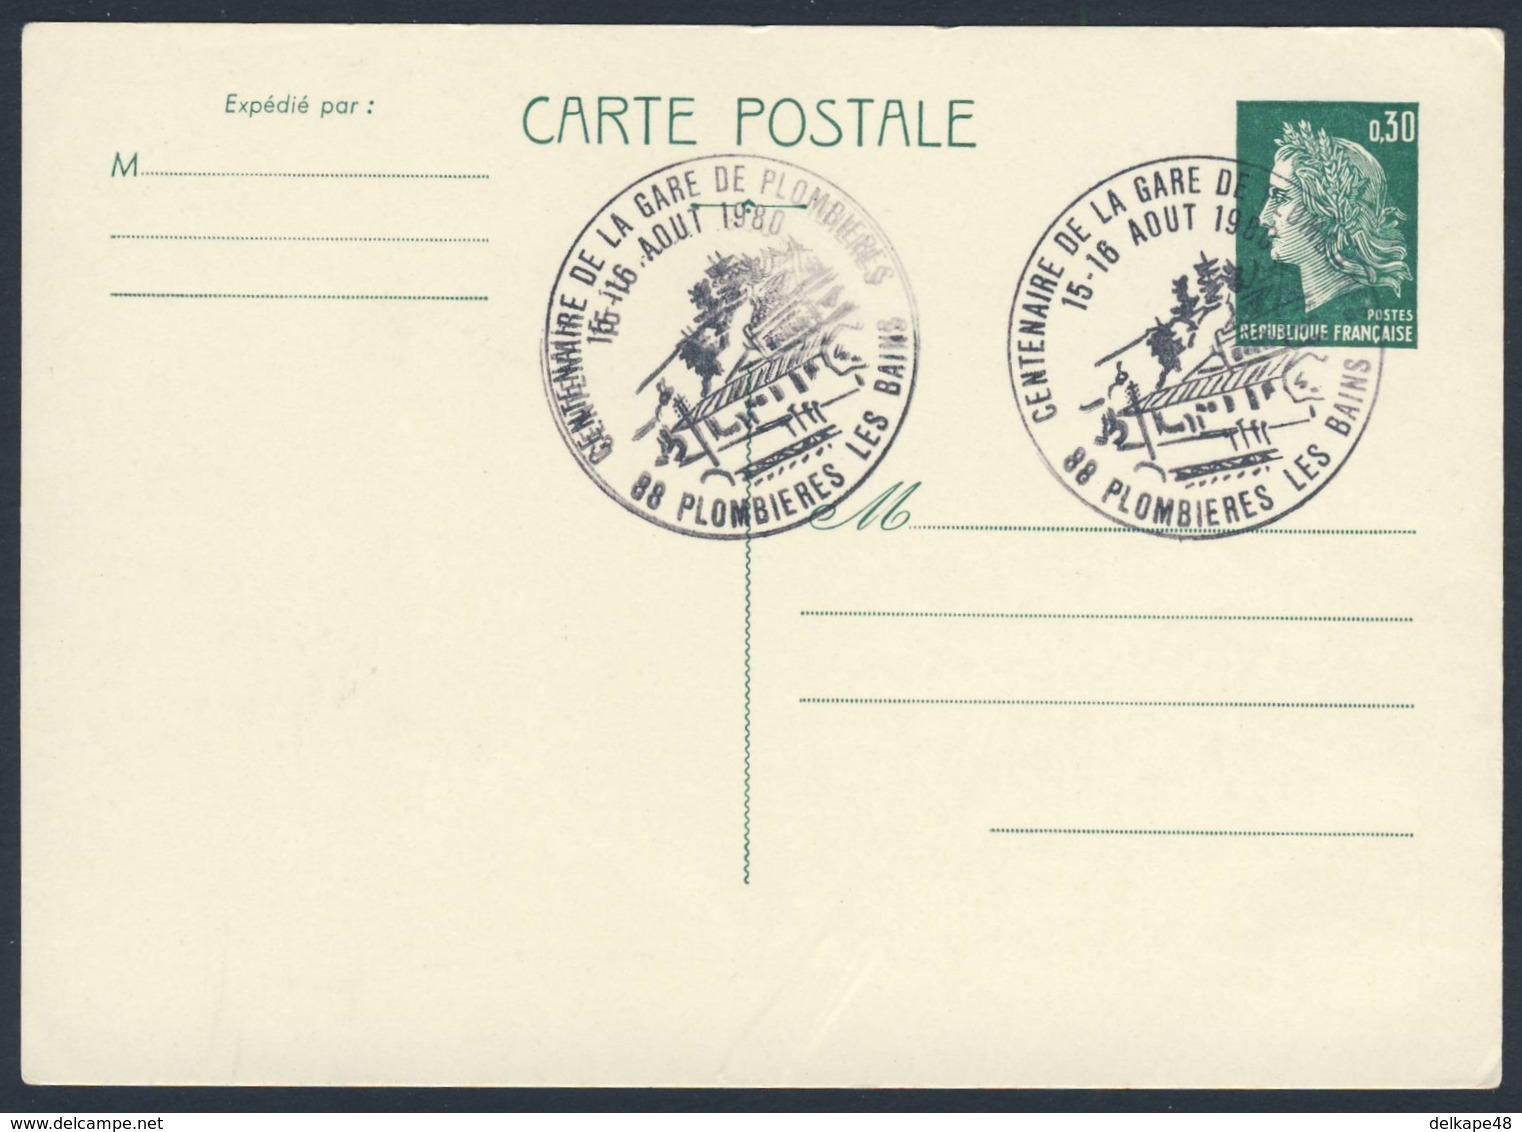 France Rep. Française 1980 Card / Karte / Carte Postale - Cent. Gare Plombieres Les Bains / Railway Station / Bahnhof - Treinen